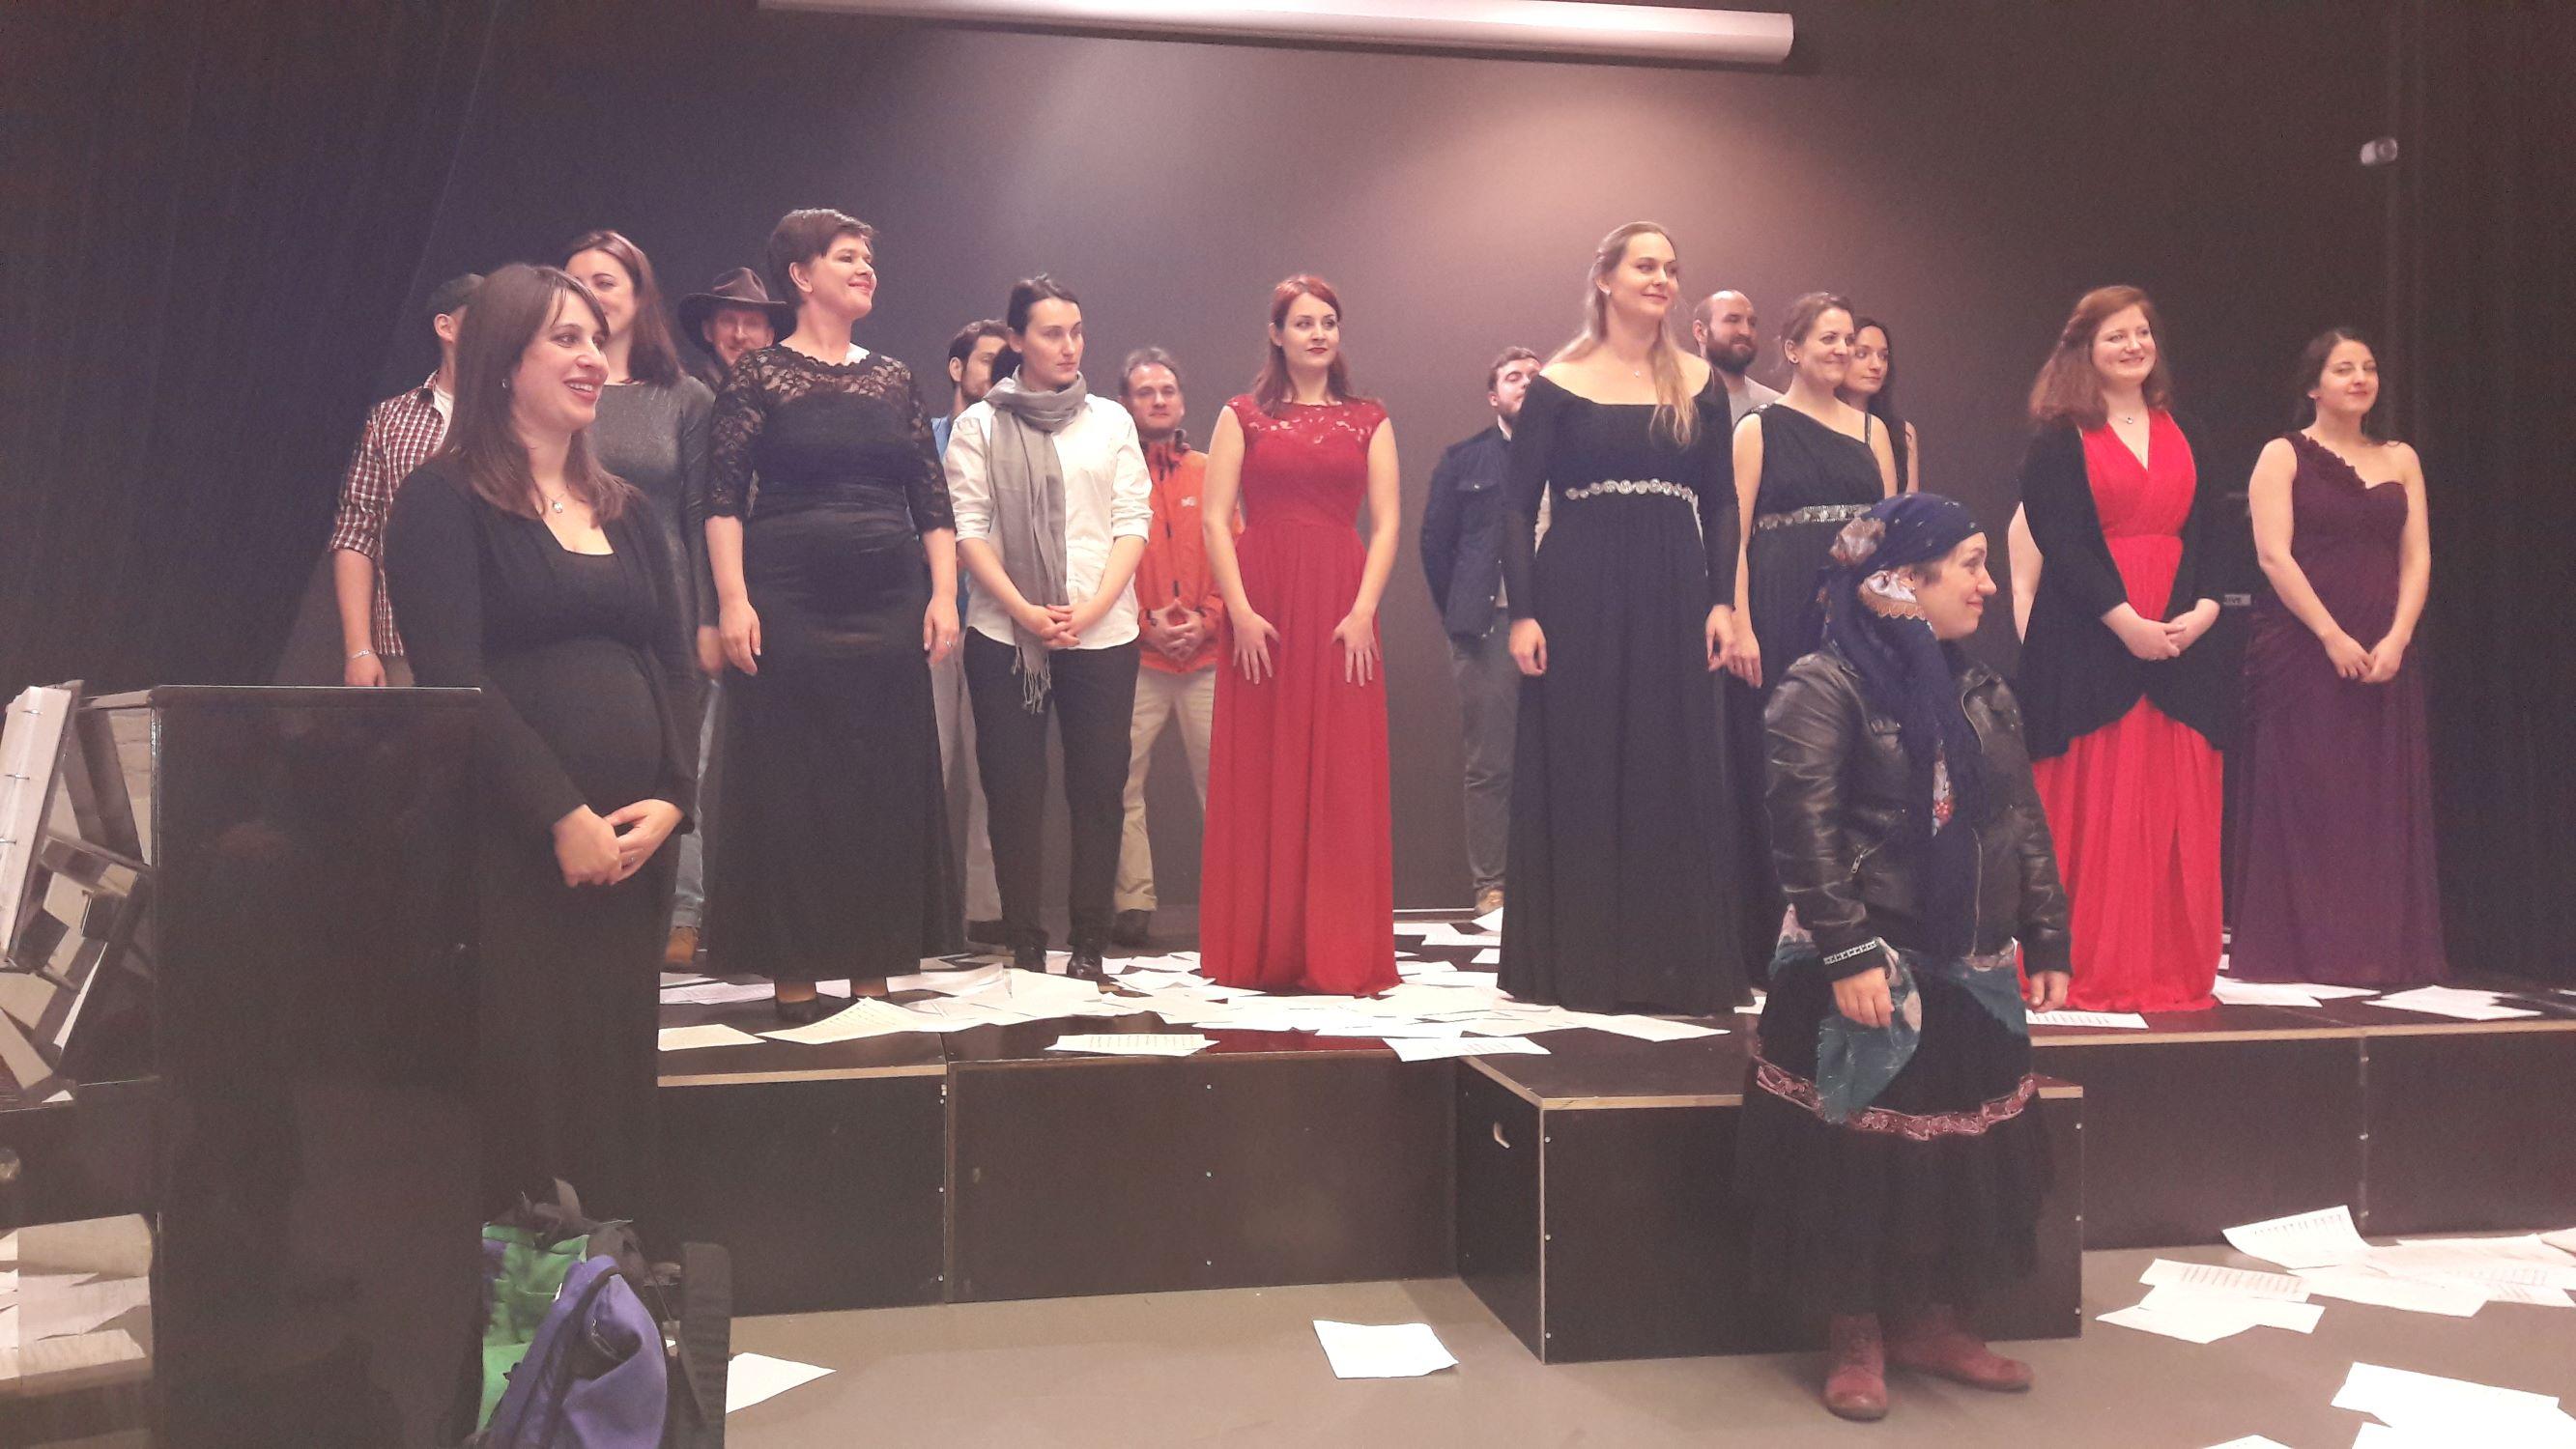 Le mystère de Lorelei, Toulouse, salle San Subra, janvier 2017